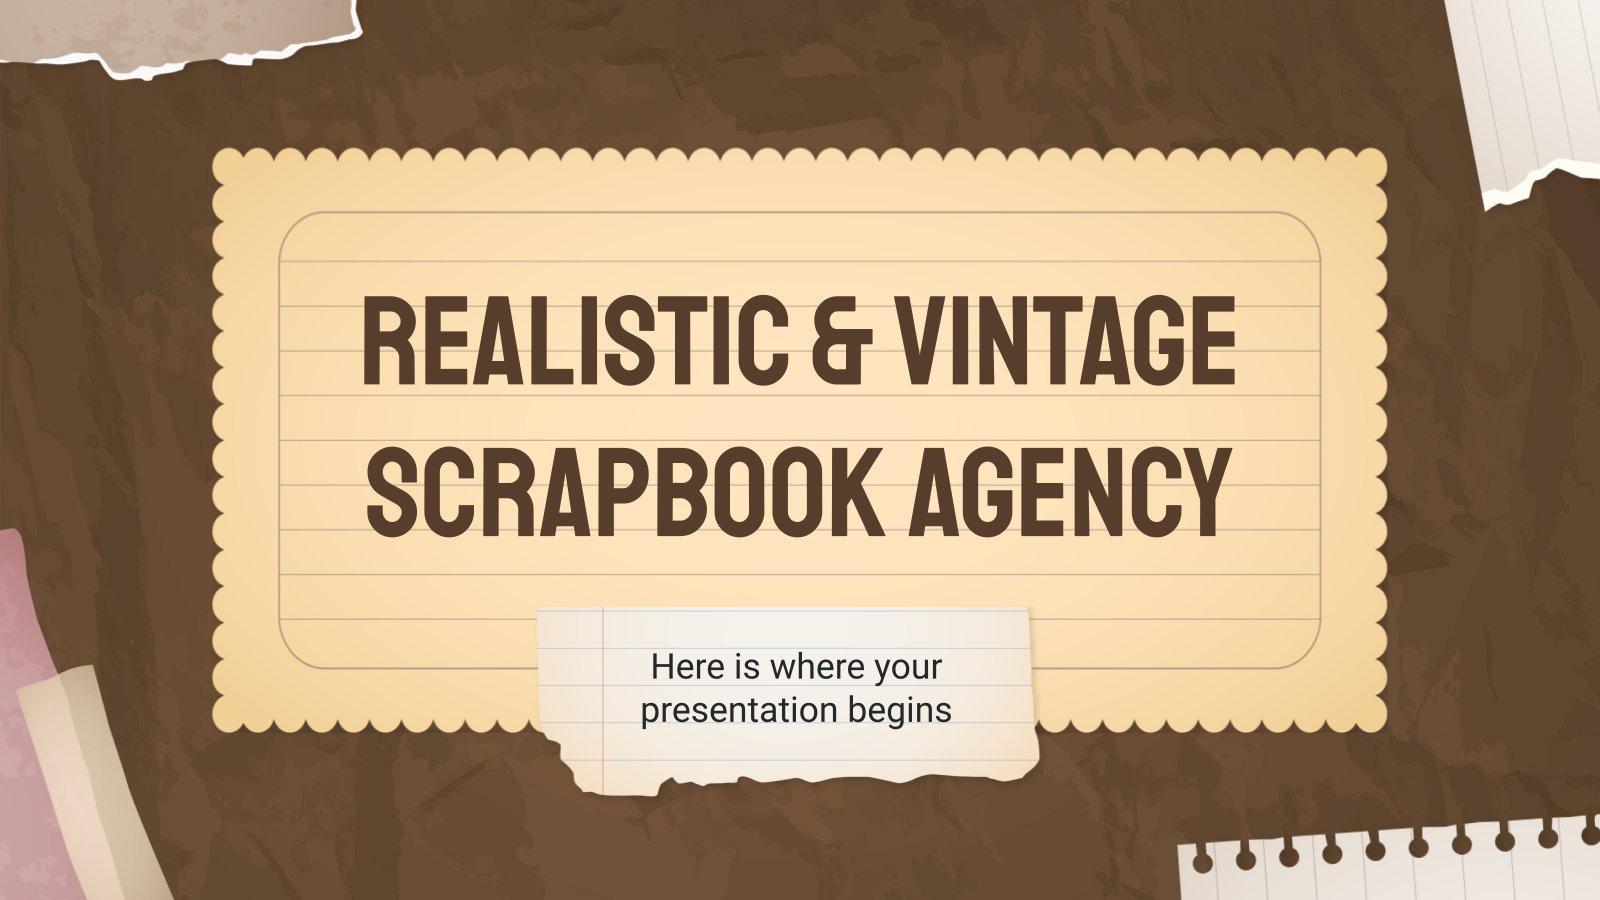 Modelo de apresentação Agência e scrapbook realista e vintage